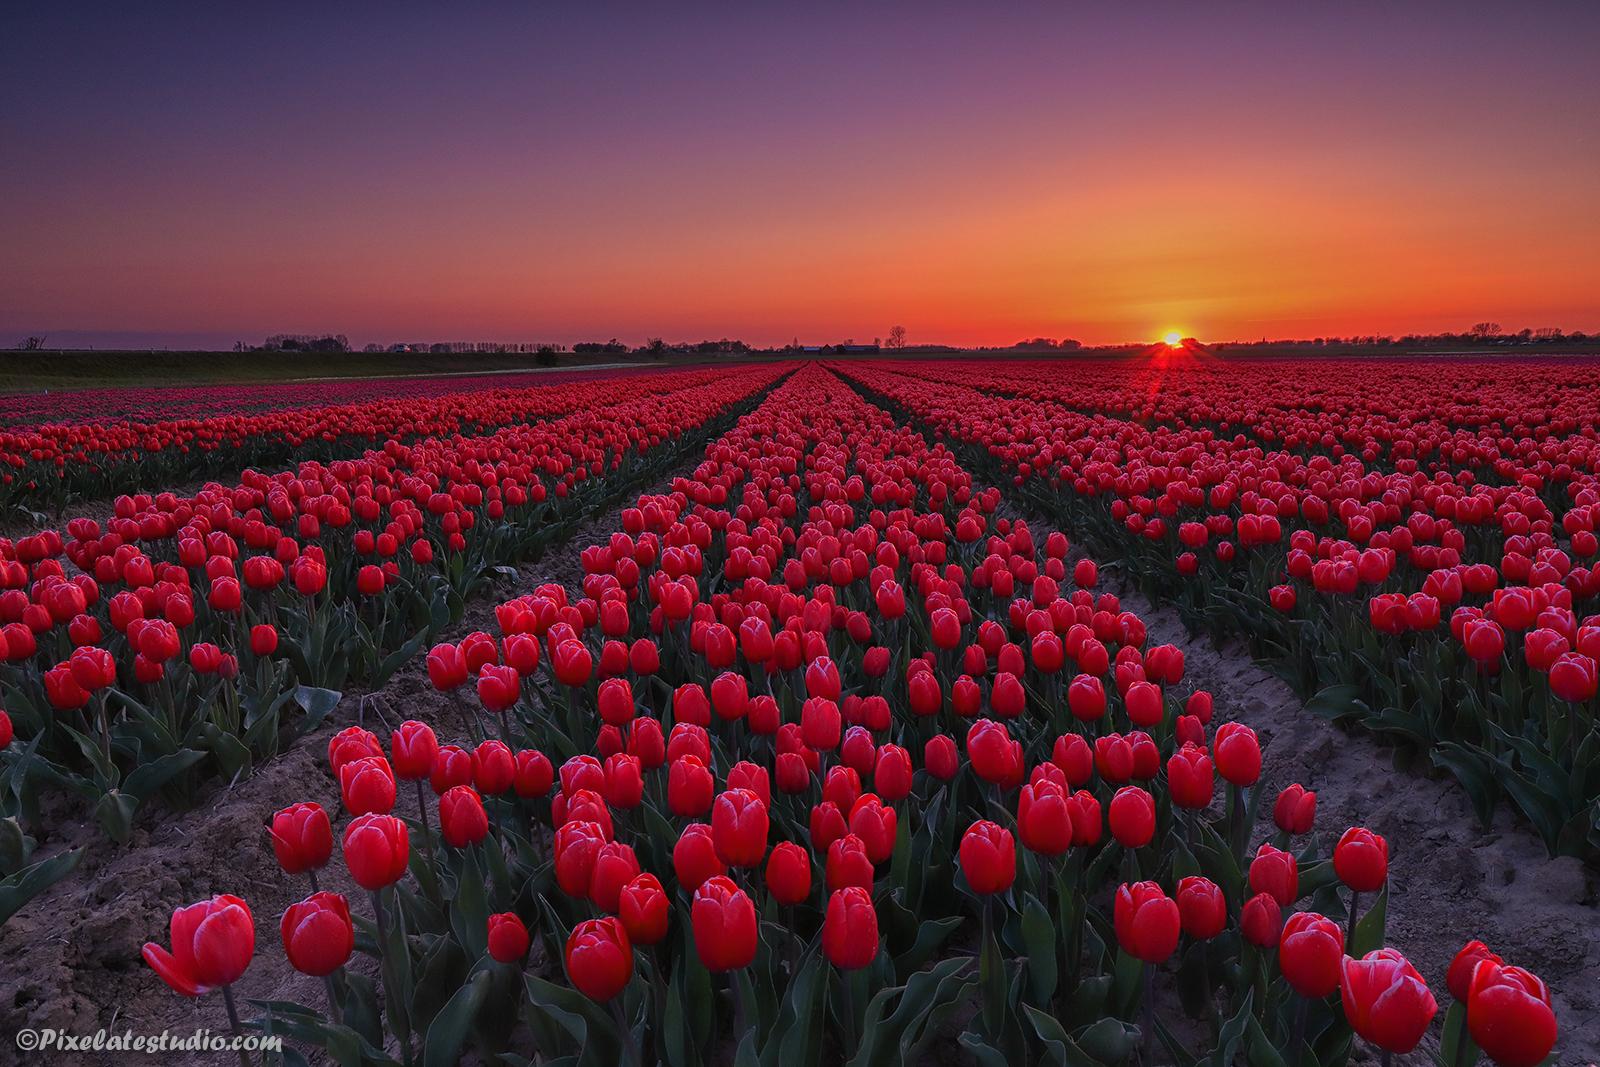 mooie foto's van de tulpenvelden in Zeeuws-Vlaanderen, Hollandse plaatjes, Dreigende lucht, Zonsondergang, Rode tulp, Roze tulp